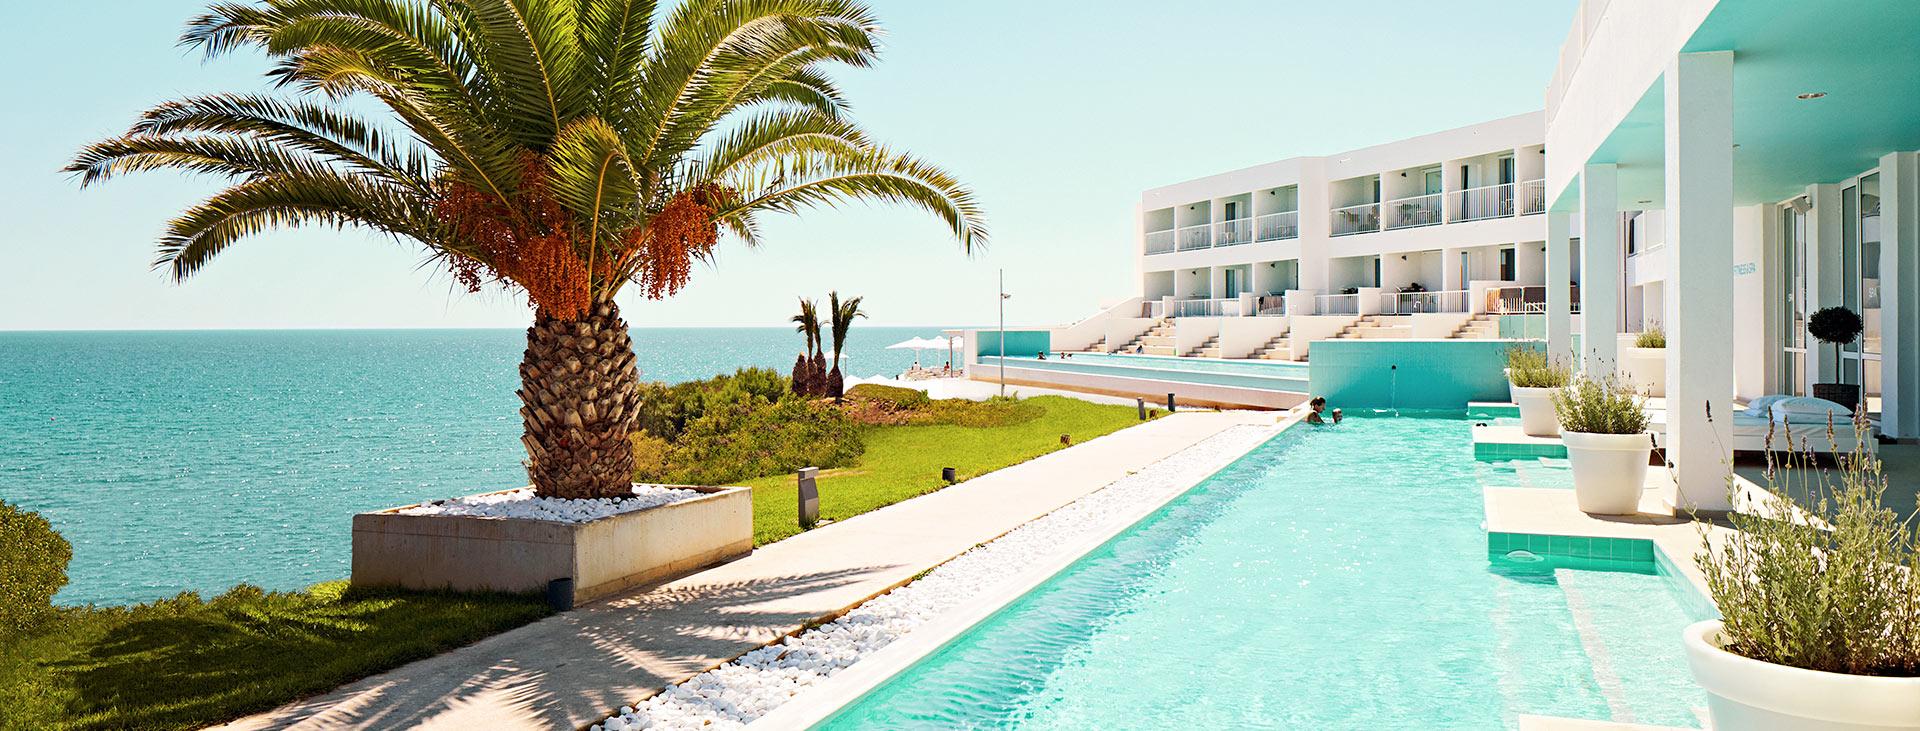 Ocean Beach Club - Kreta, Makrigialos, Kreta, Hellas